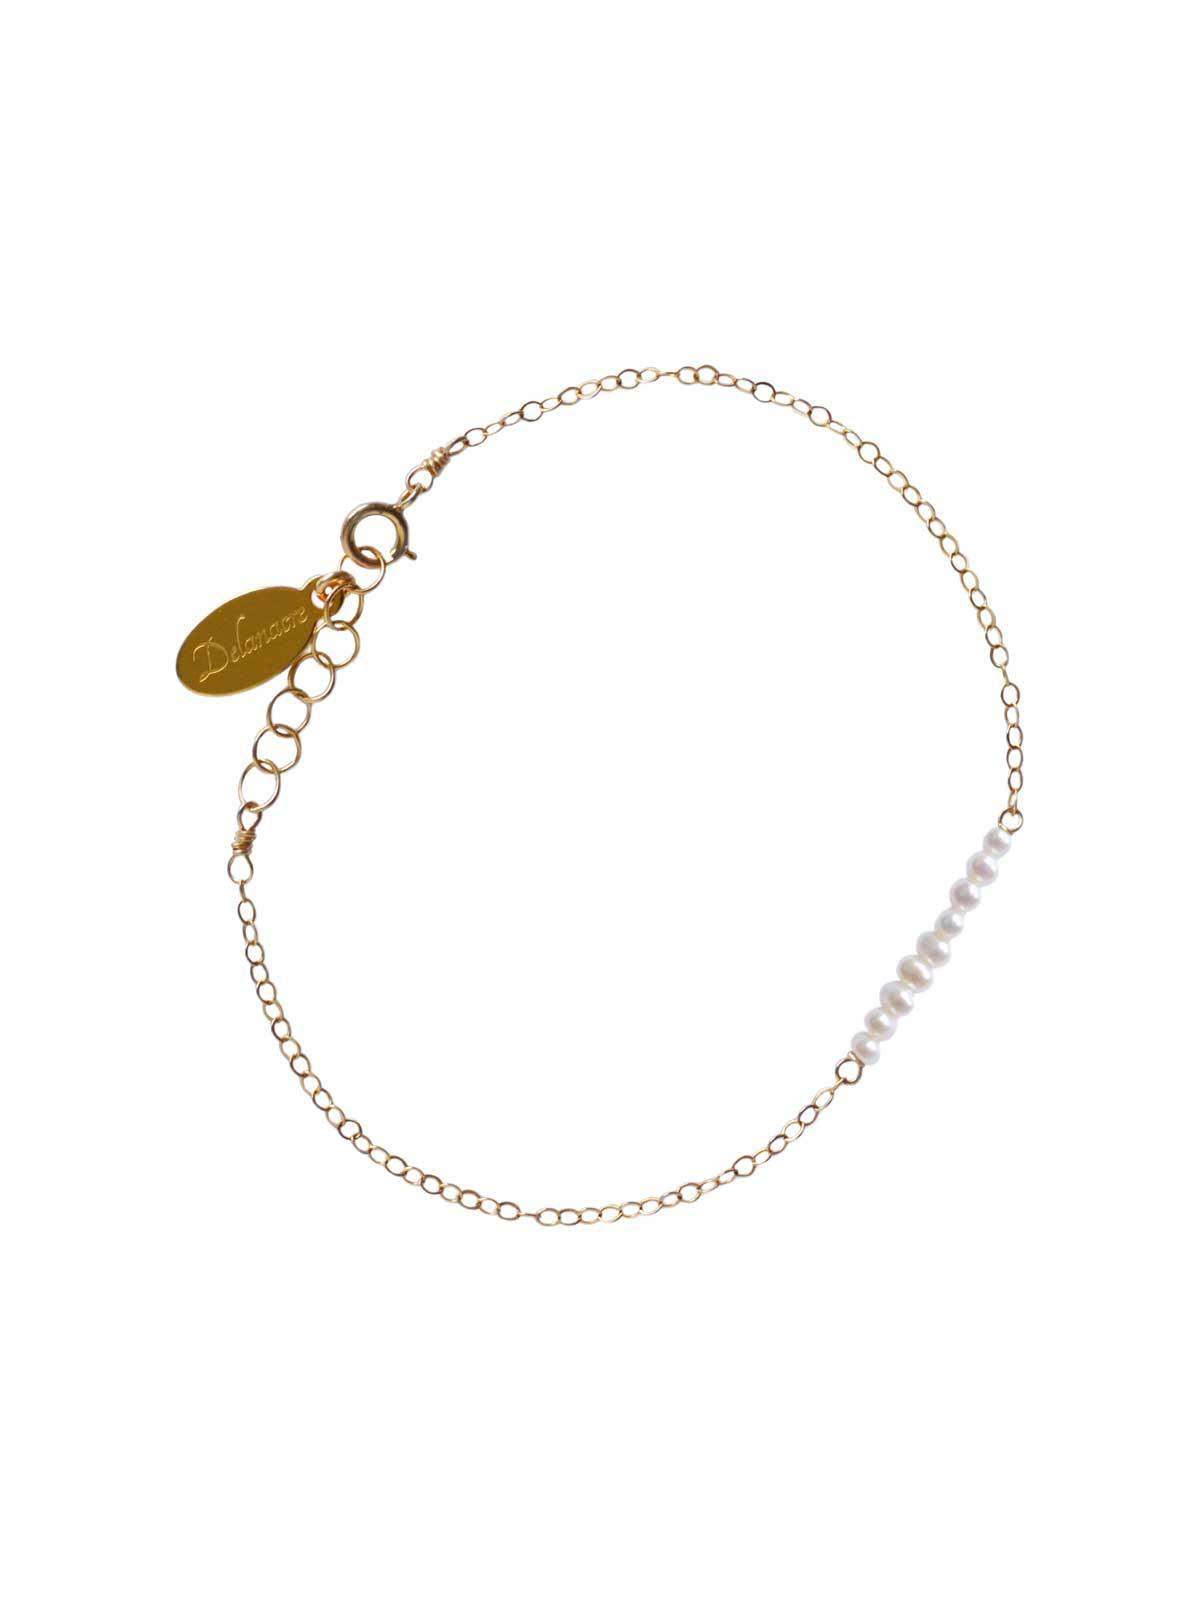 Bracelet 14K Gold-filled chain white Freshwater Pearls